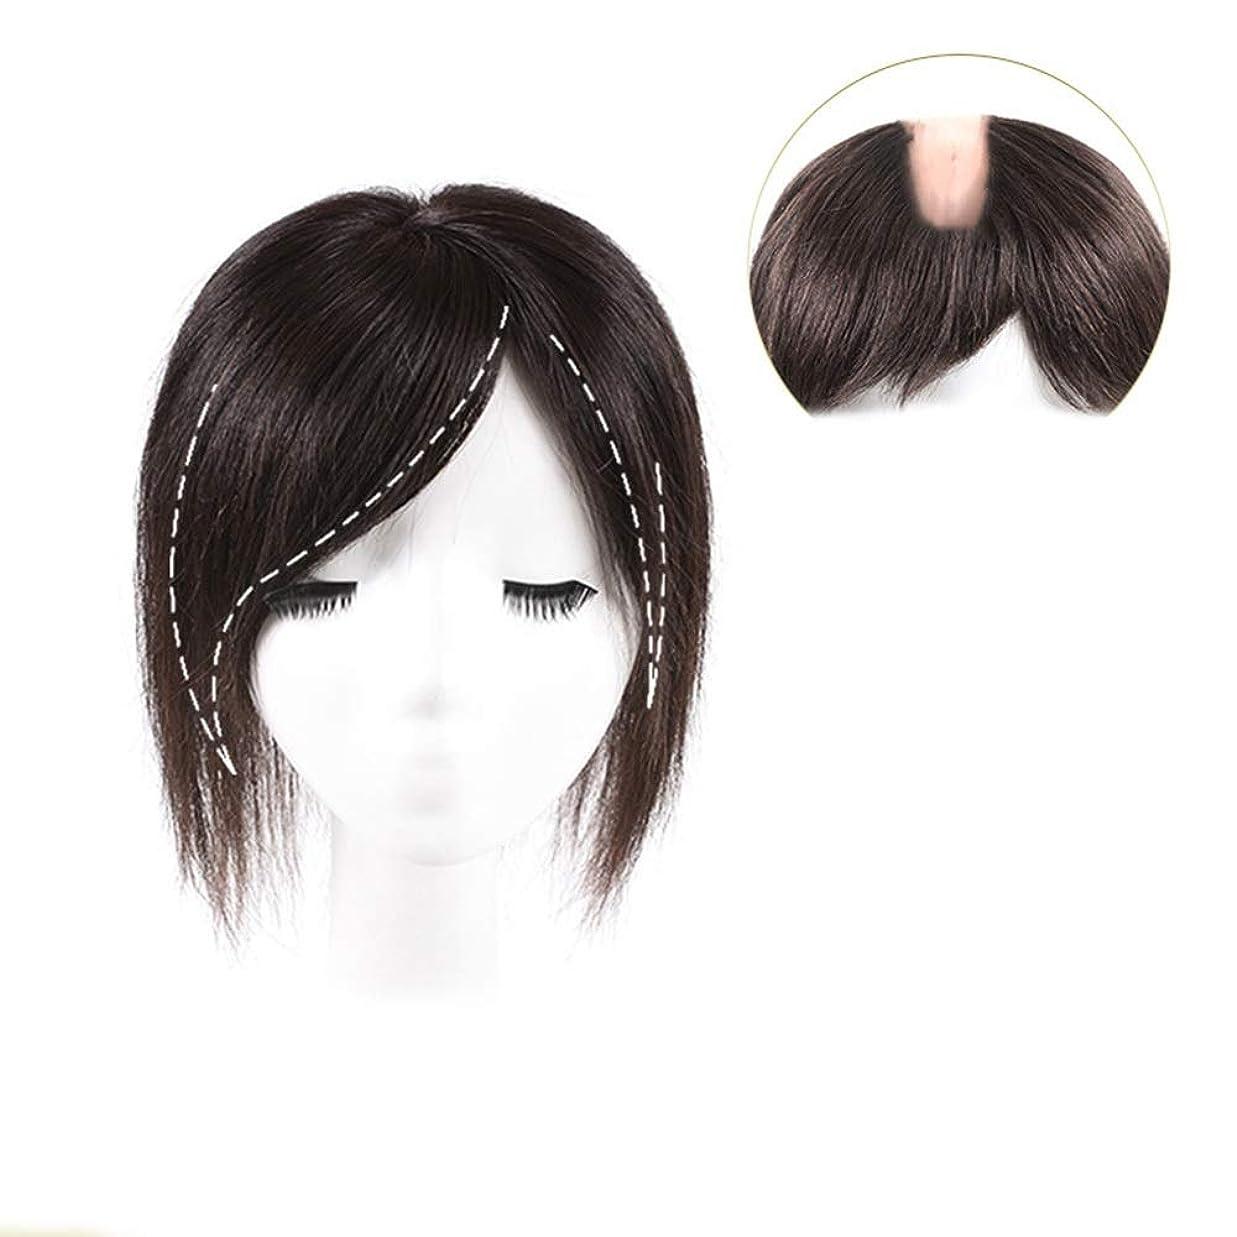 とげデイジーセッティングBOBIDYEE 本物の髪に見えないふわふわの自然な髪の拡張子ショートウィッグの女性の長いストレートヘアウィッグピースクリップ (Color : [7x10] 25cm natural black)